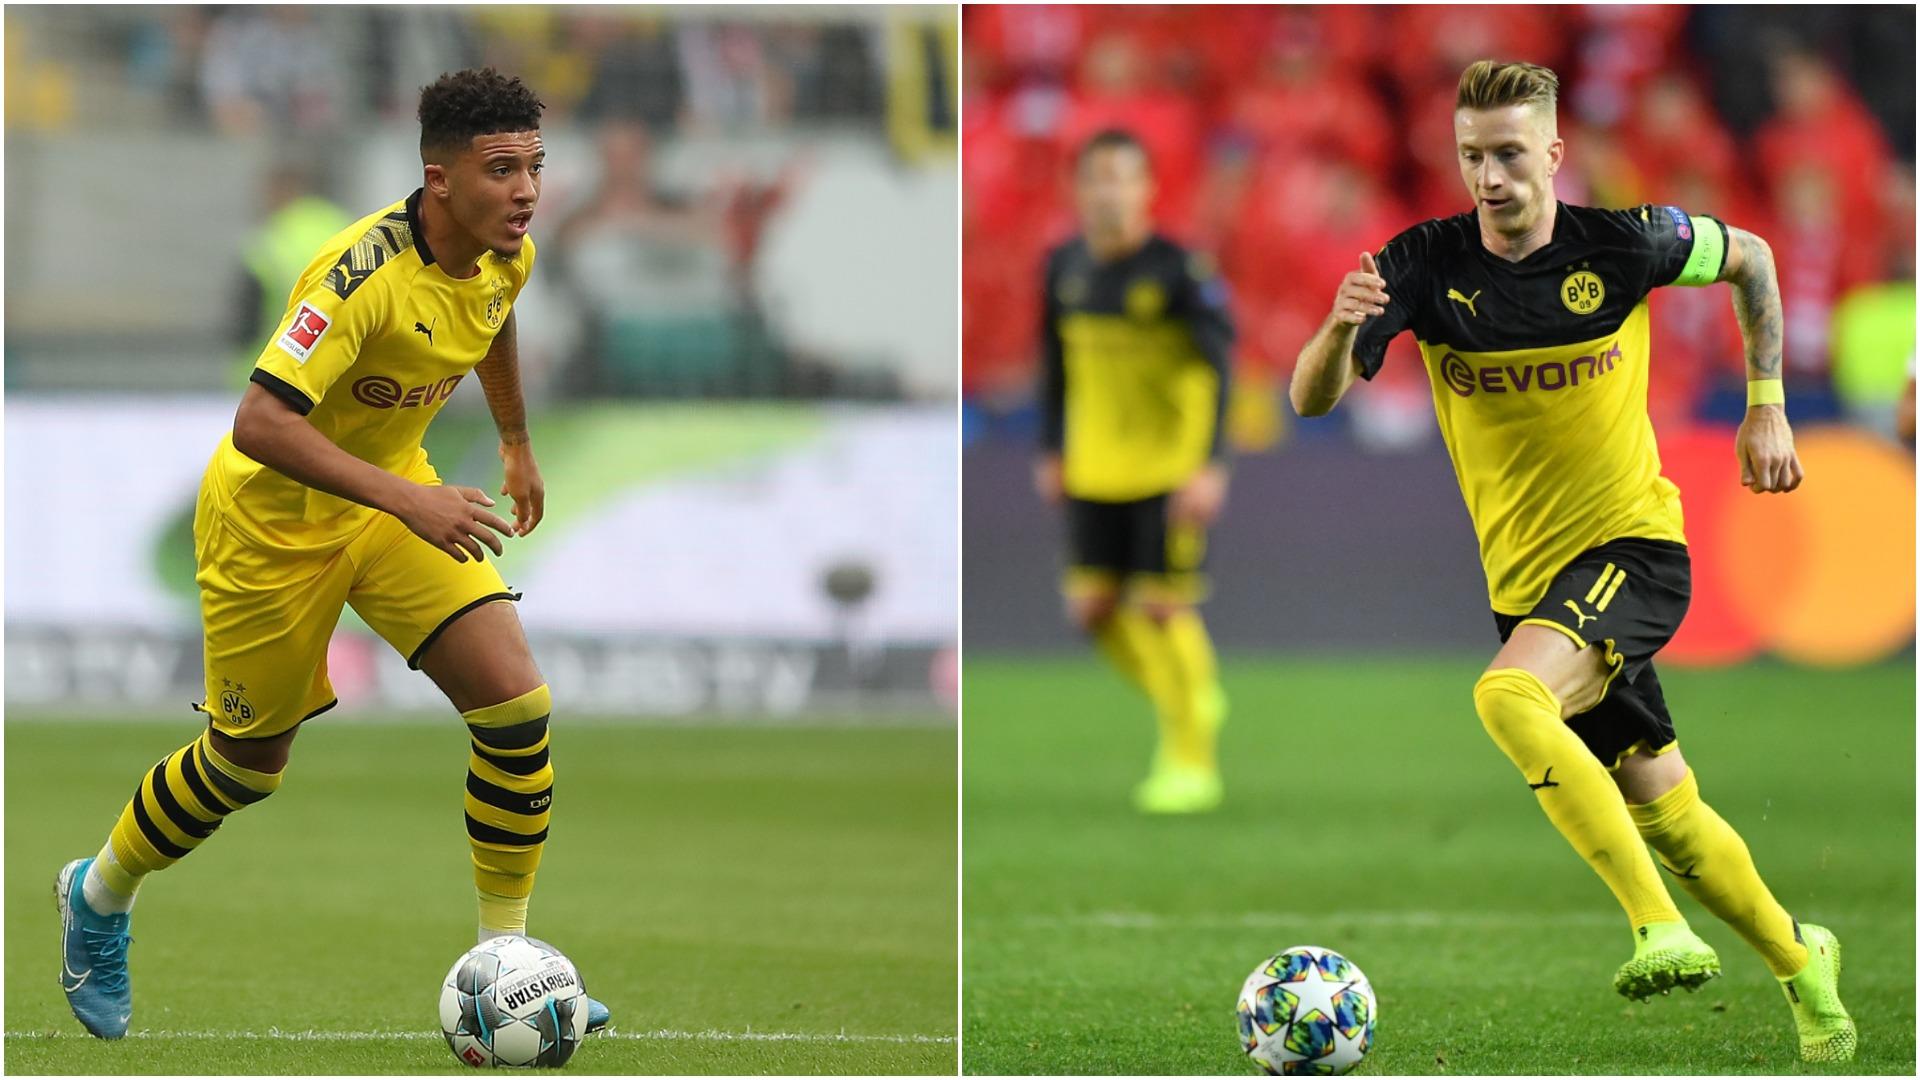 Sancho and Reus doubts for Der Klassiker, confirms Dortmund coach Favre